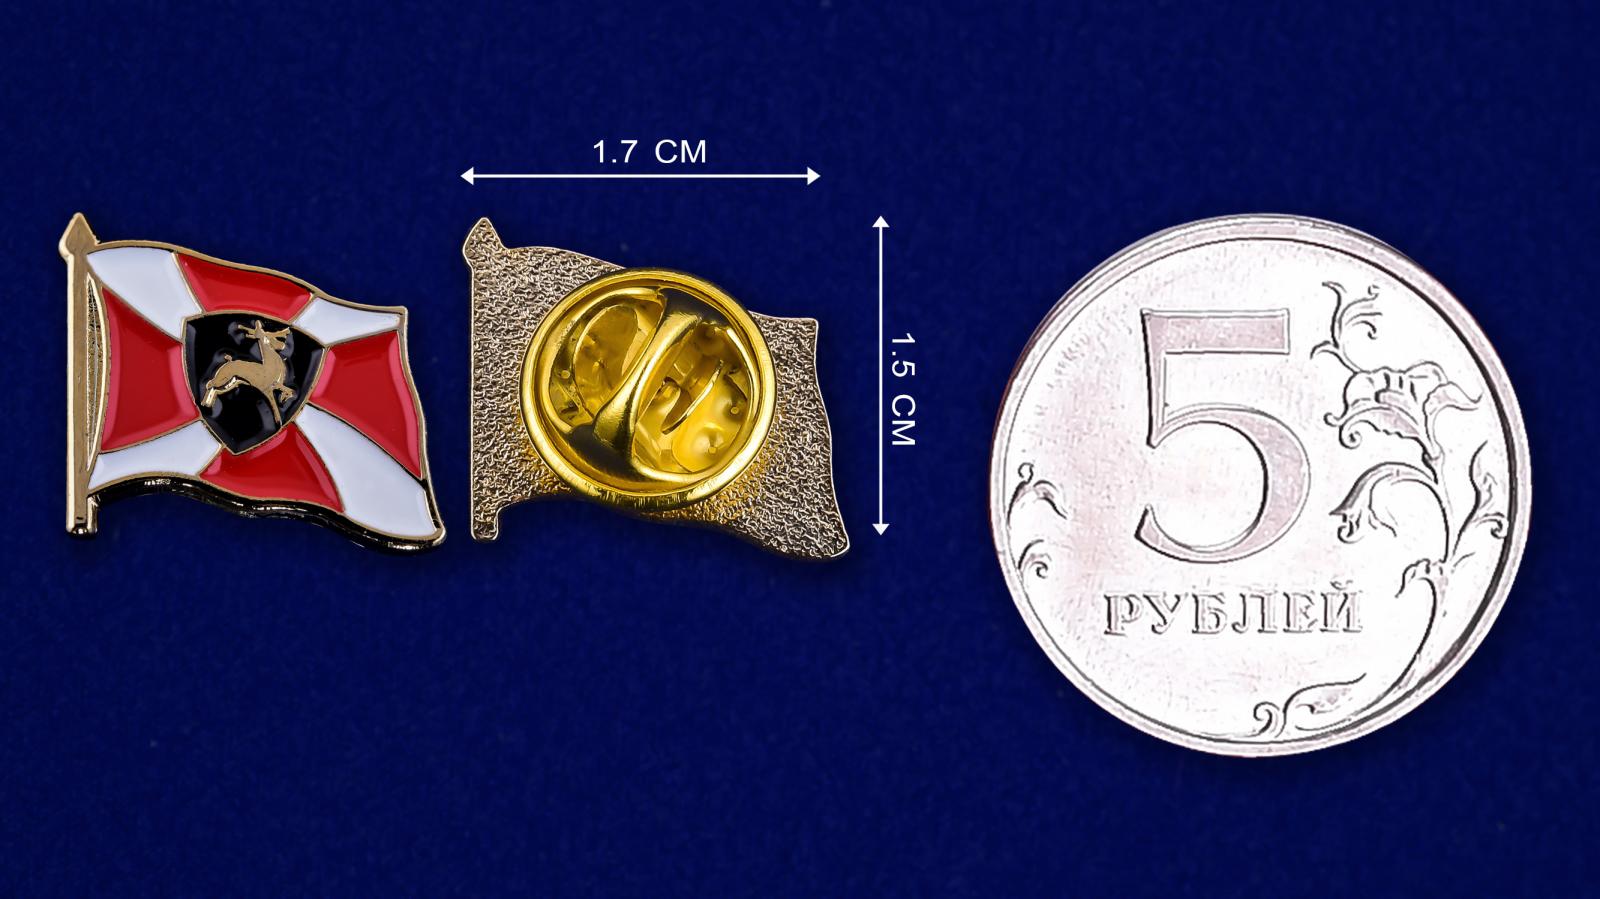 Значок Приволжского Регионального Командования  - сравнительный размер